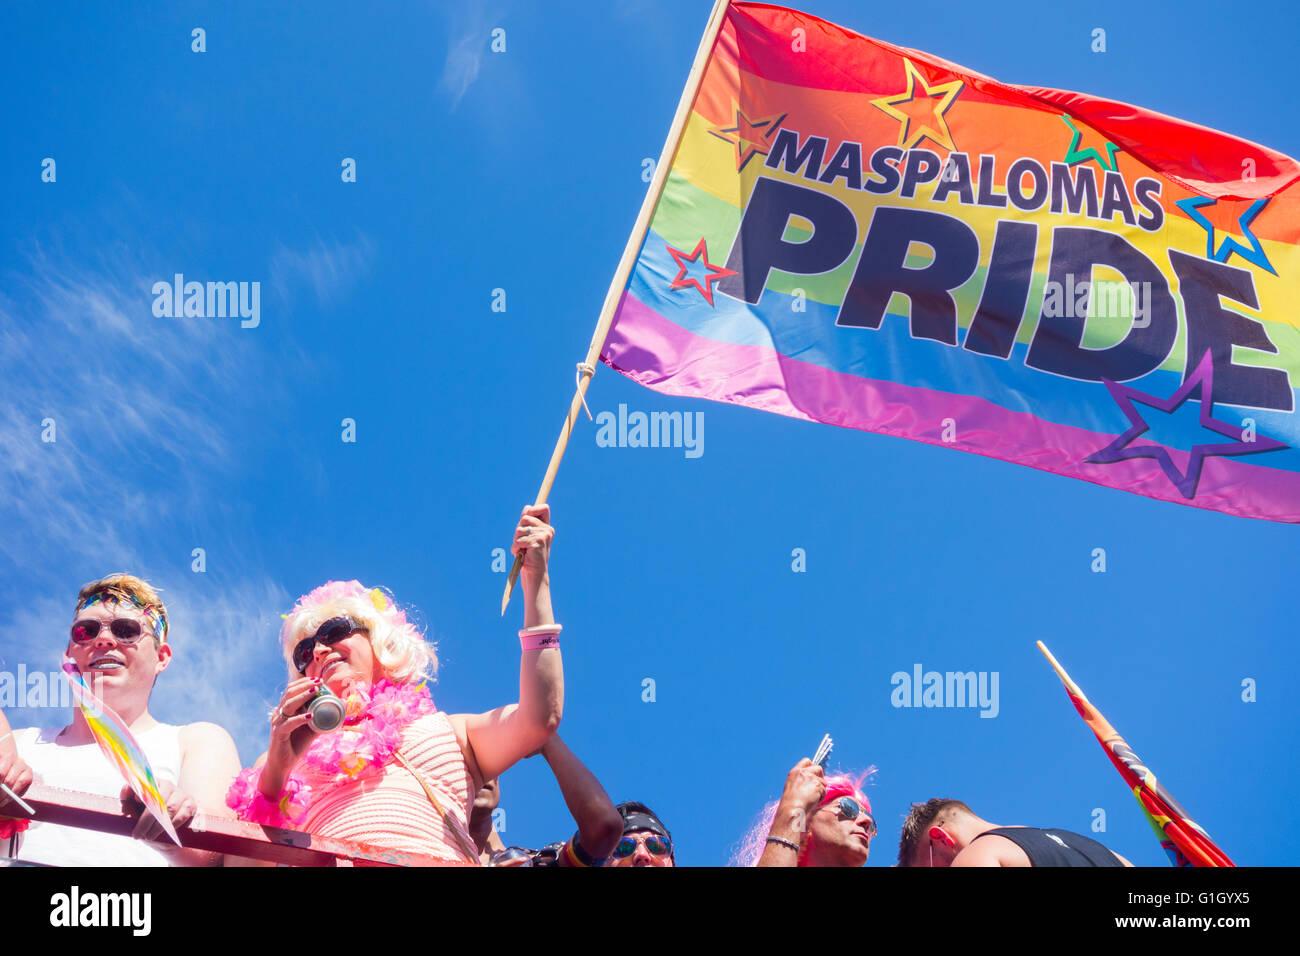 from Alvaro gran canaria gay pride 2008